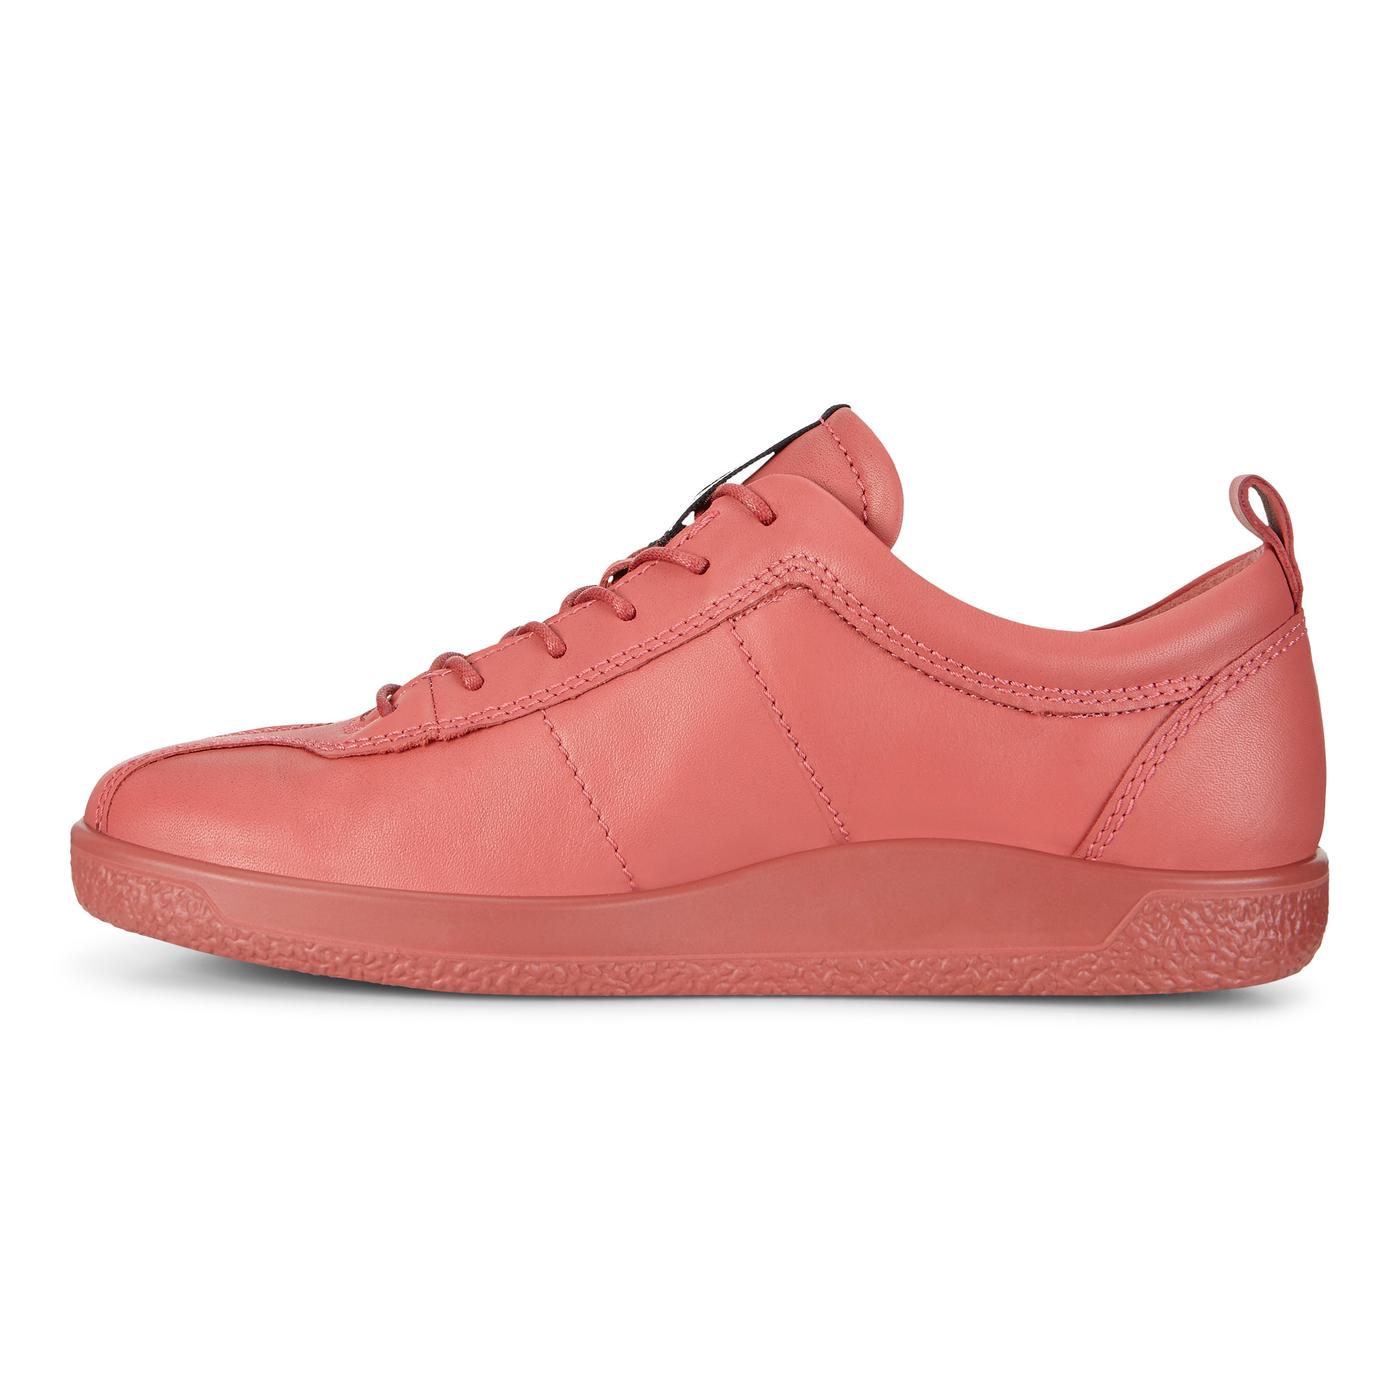 ECCO SOFT 1 Women's Sneaker